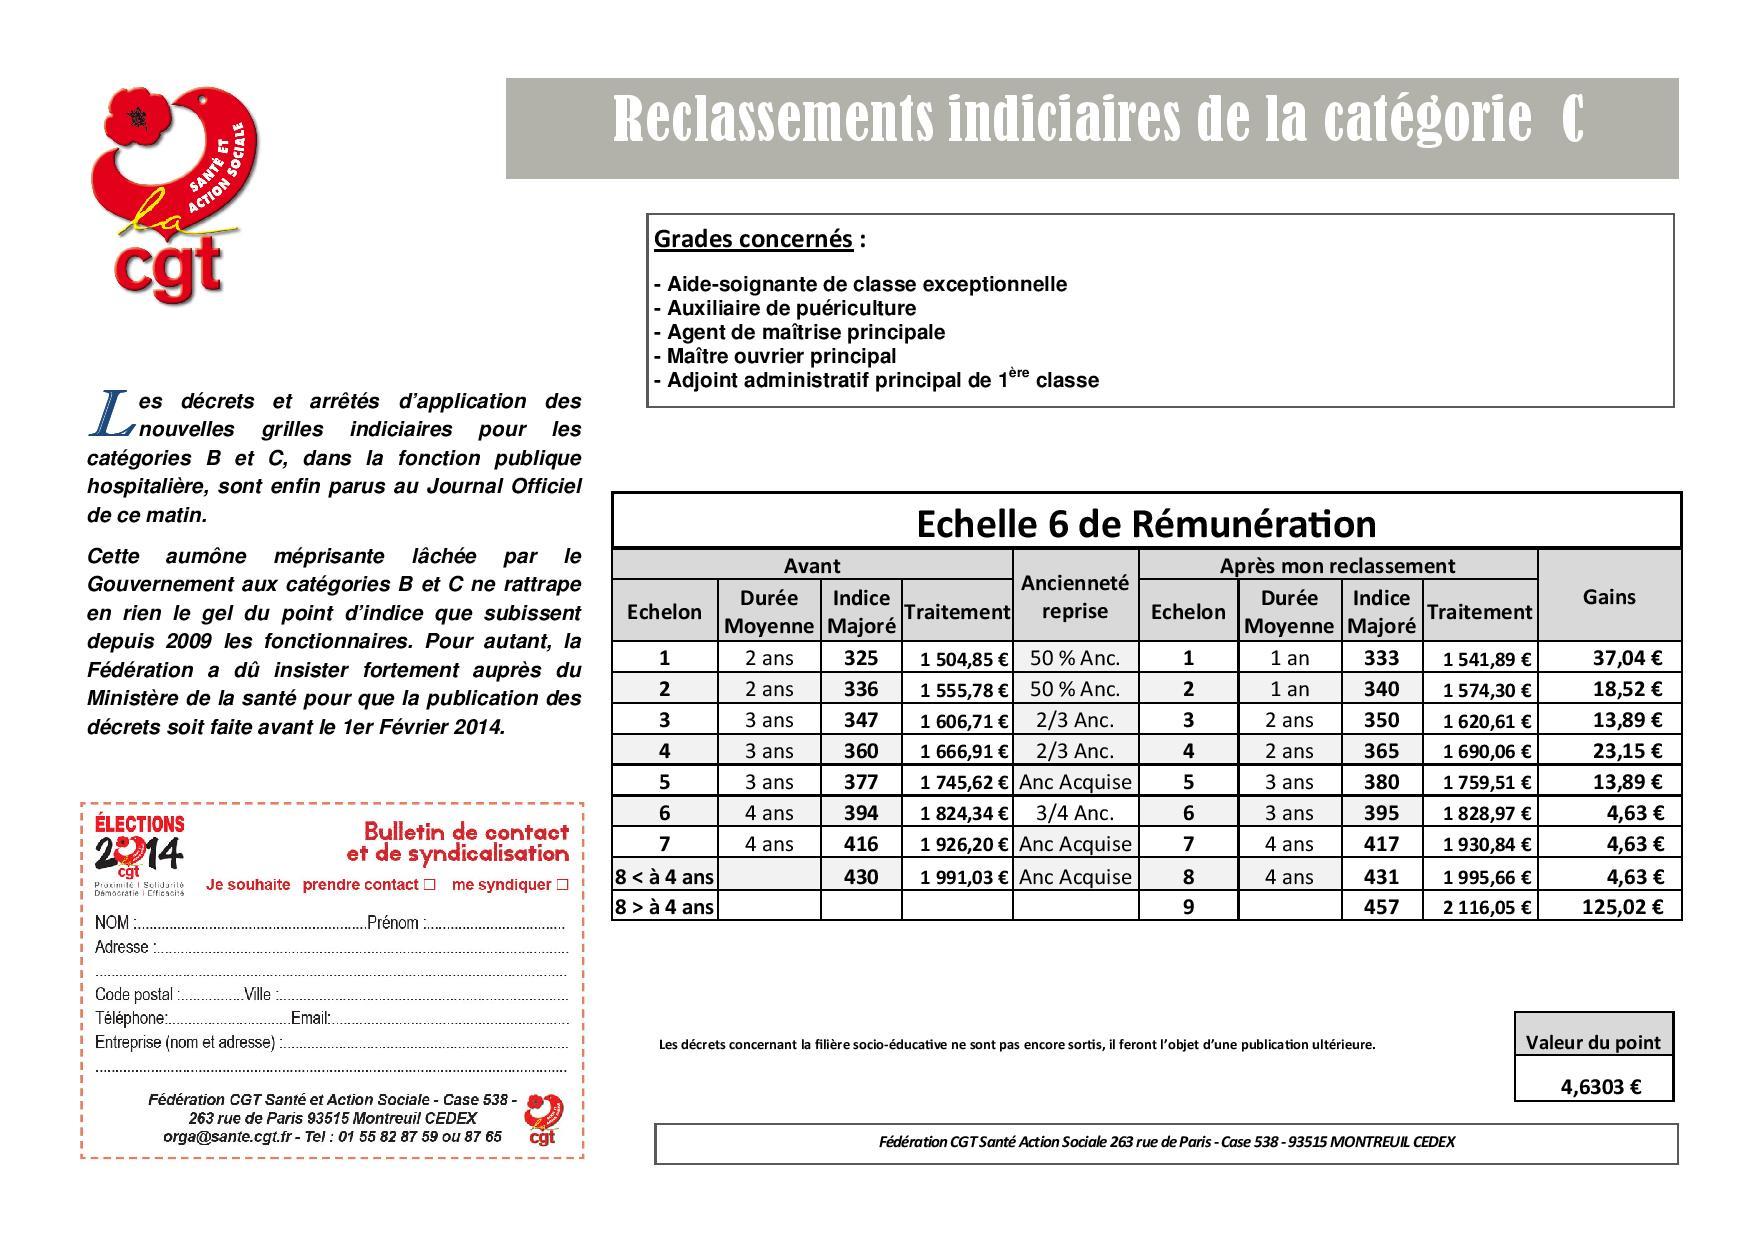 Grille catégorie C Echelle 6 de rémunération-page-001